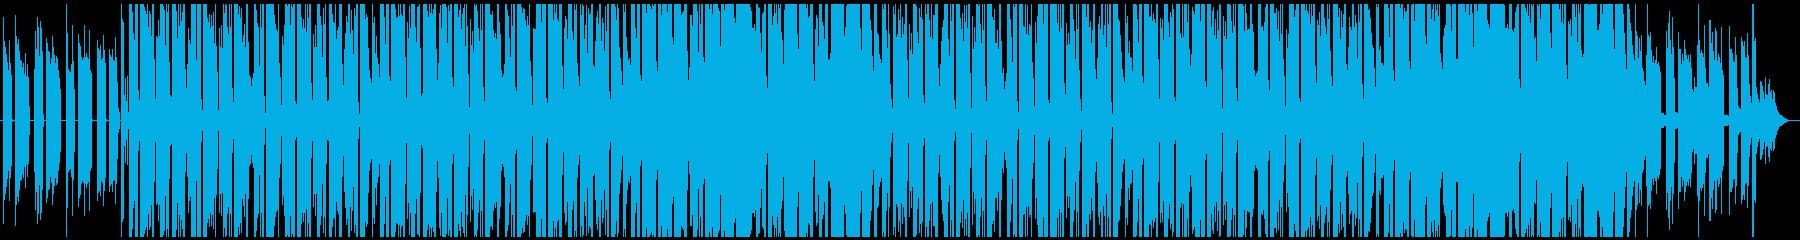 ギターアルペジオが印象的なヒップホップの再生済みの波形